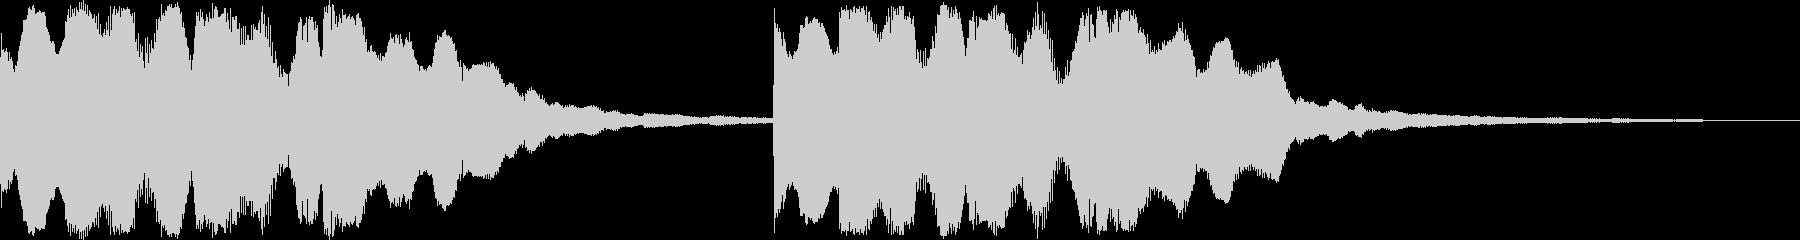 シンプル着信音、お知らせ、アラーム音の未再生の波形